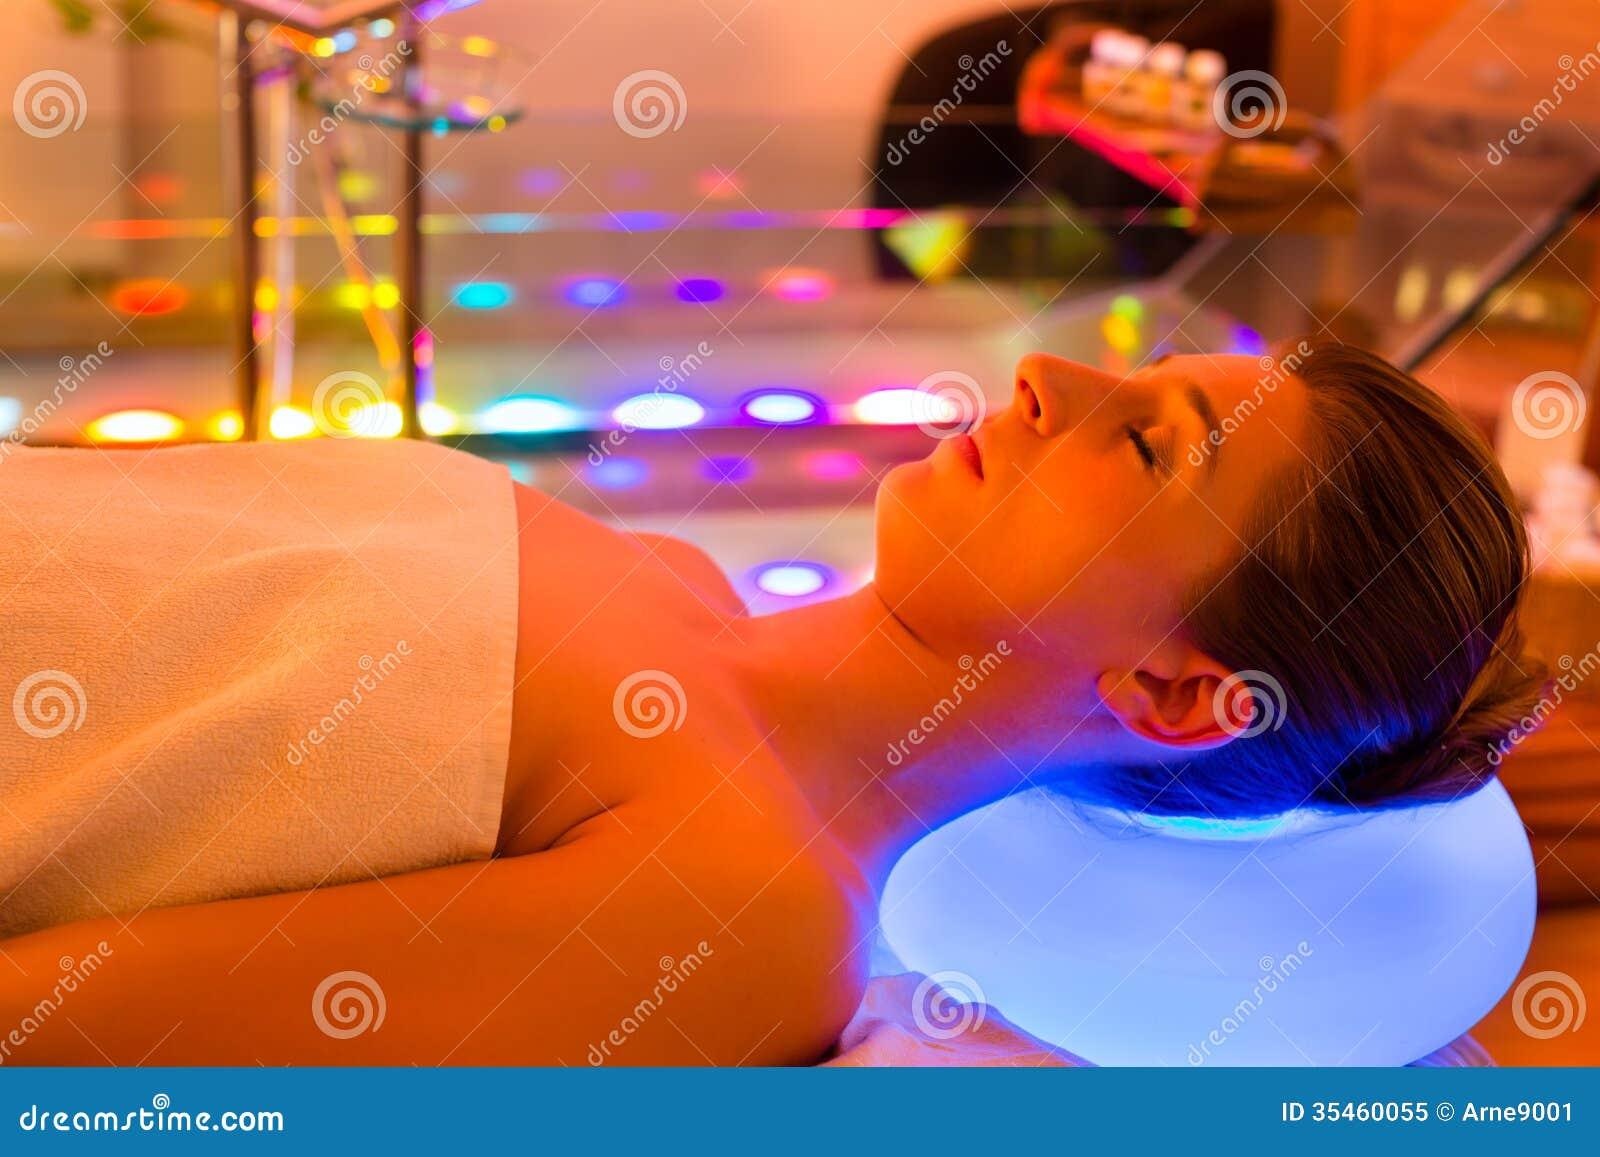 Kobieta cieszy się terapię w zdroju z kolor terapią